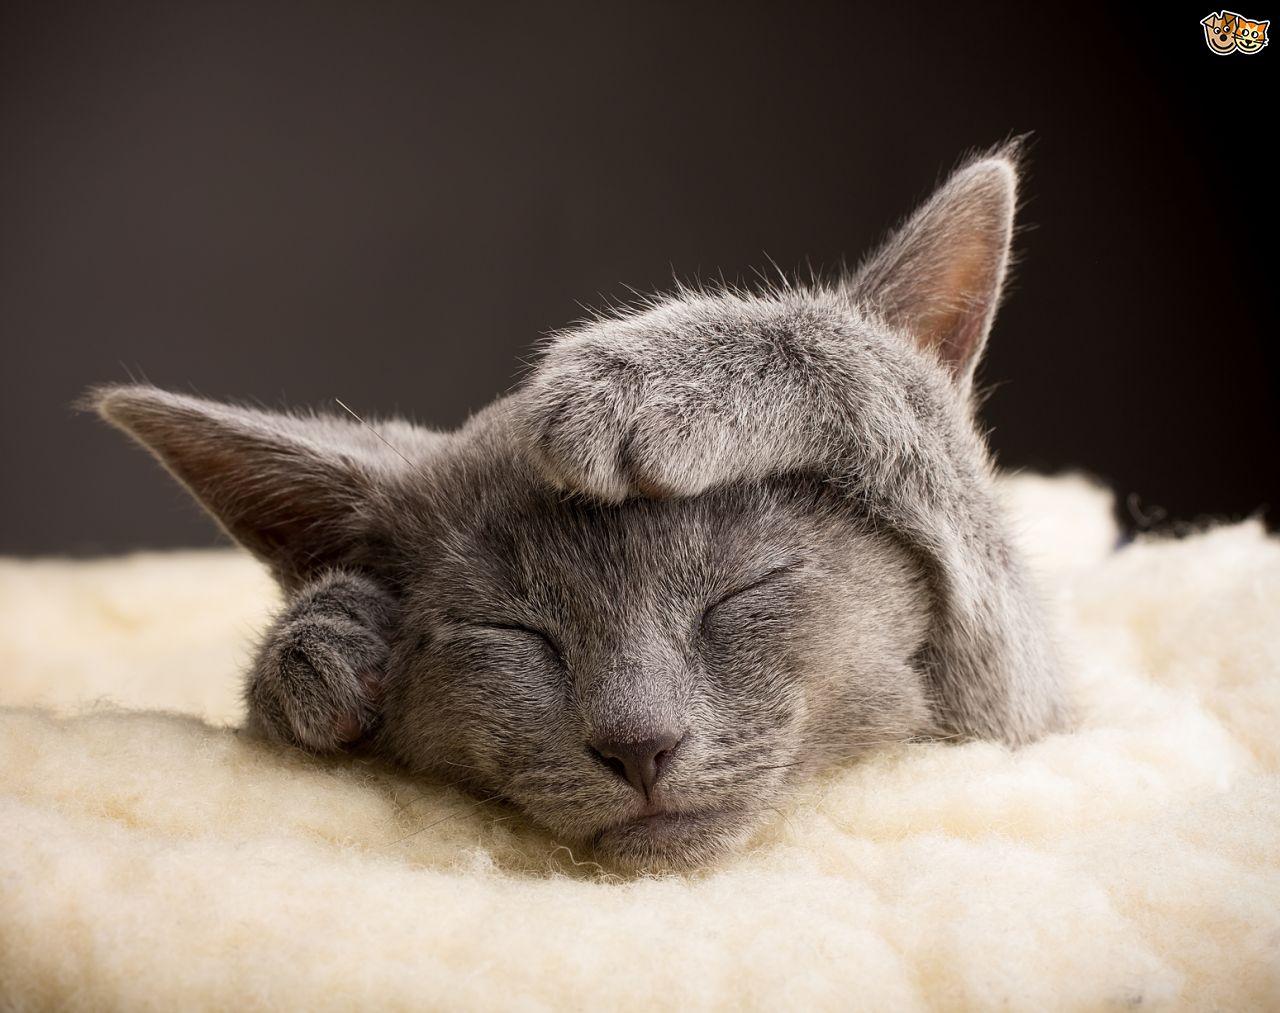 kediler-neden-mırlar-2